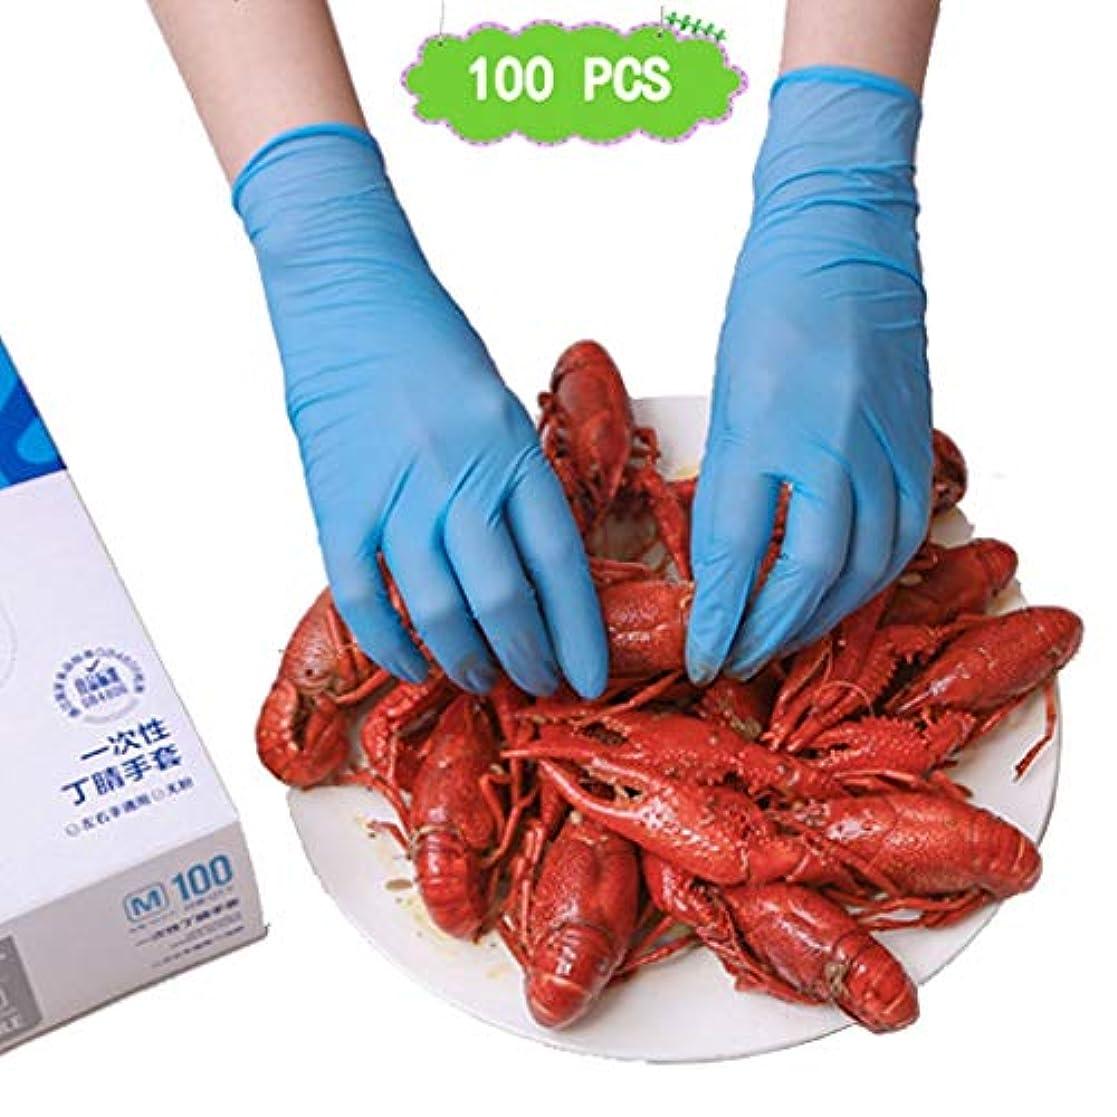 低いだらしない議題ニトリル手袋、滑り止め使い捨て手袋ペットケアブルーフィンガーヘンプキッチンクリーニングエビビューティーサロンラテックスフリー、ダークブルーパウダーフリー、100個 (Size : S)